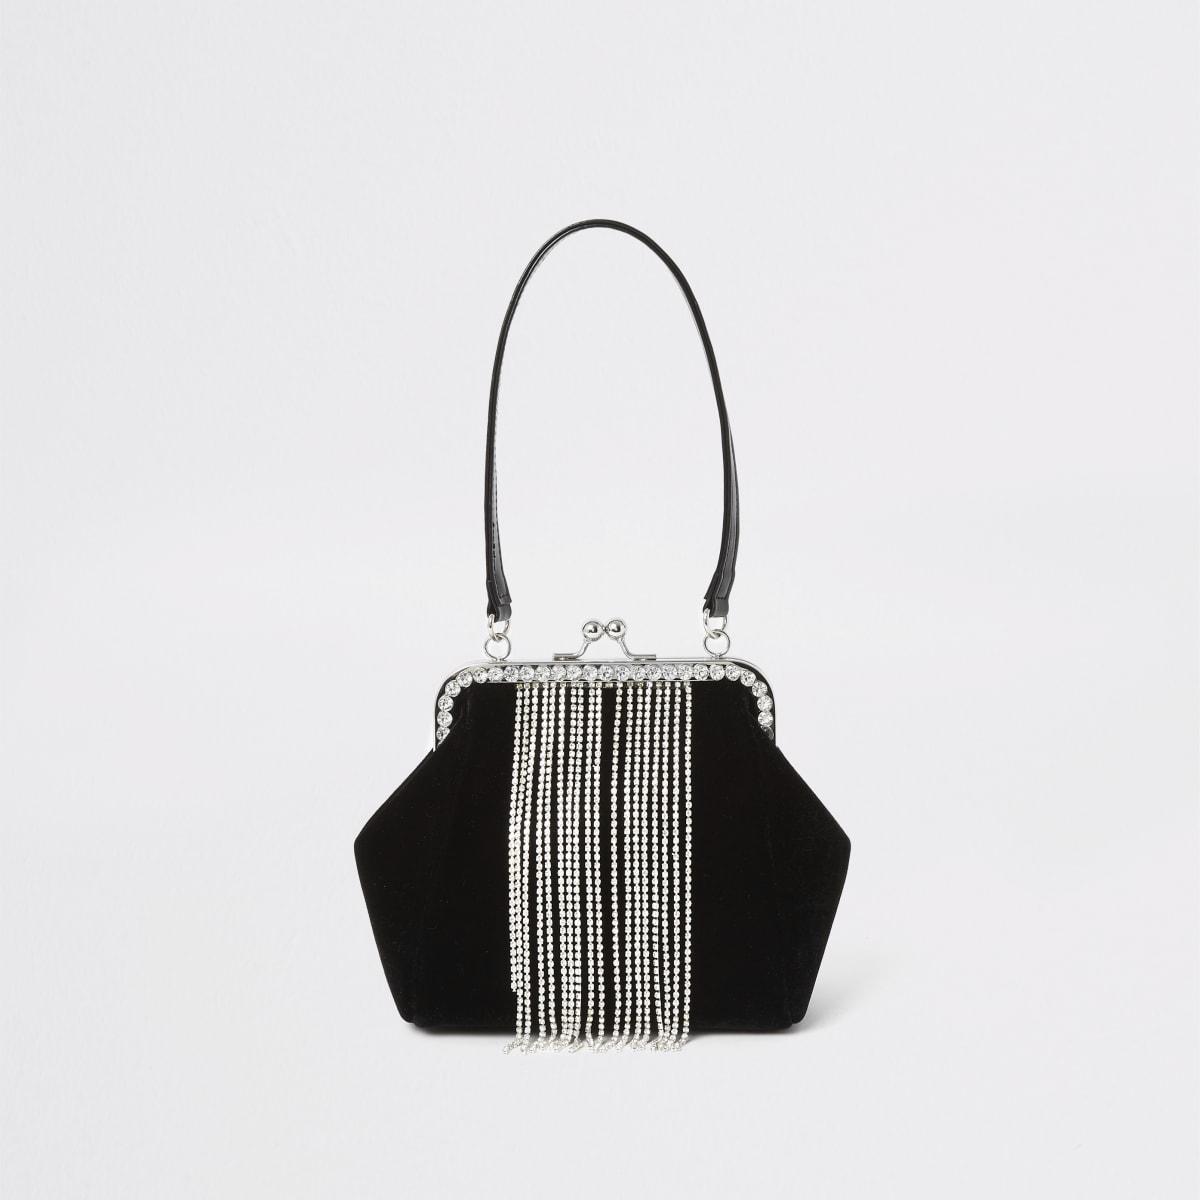 Zwarte fluwelen tas met clipsluiting, siersteentjes en kwastjes